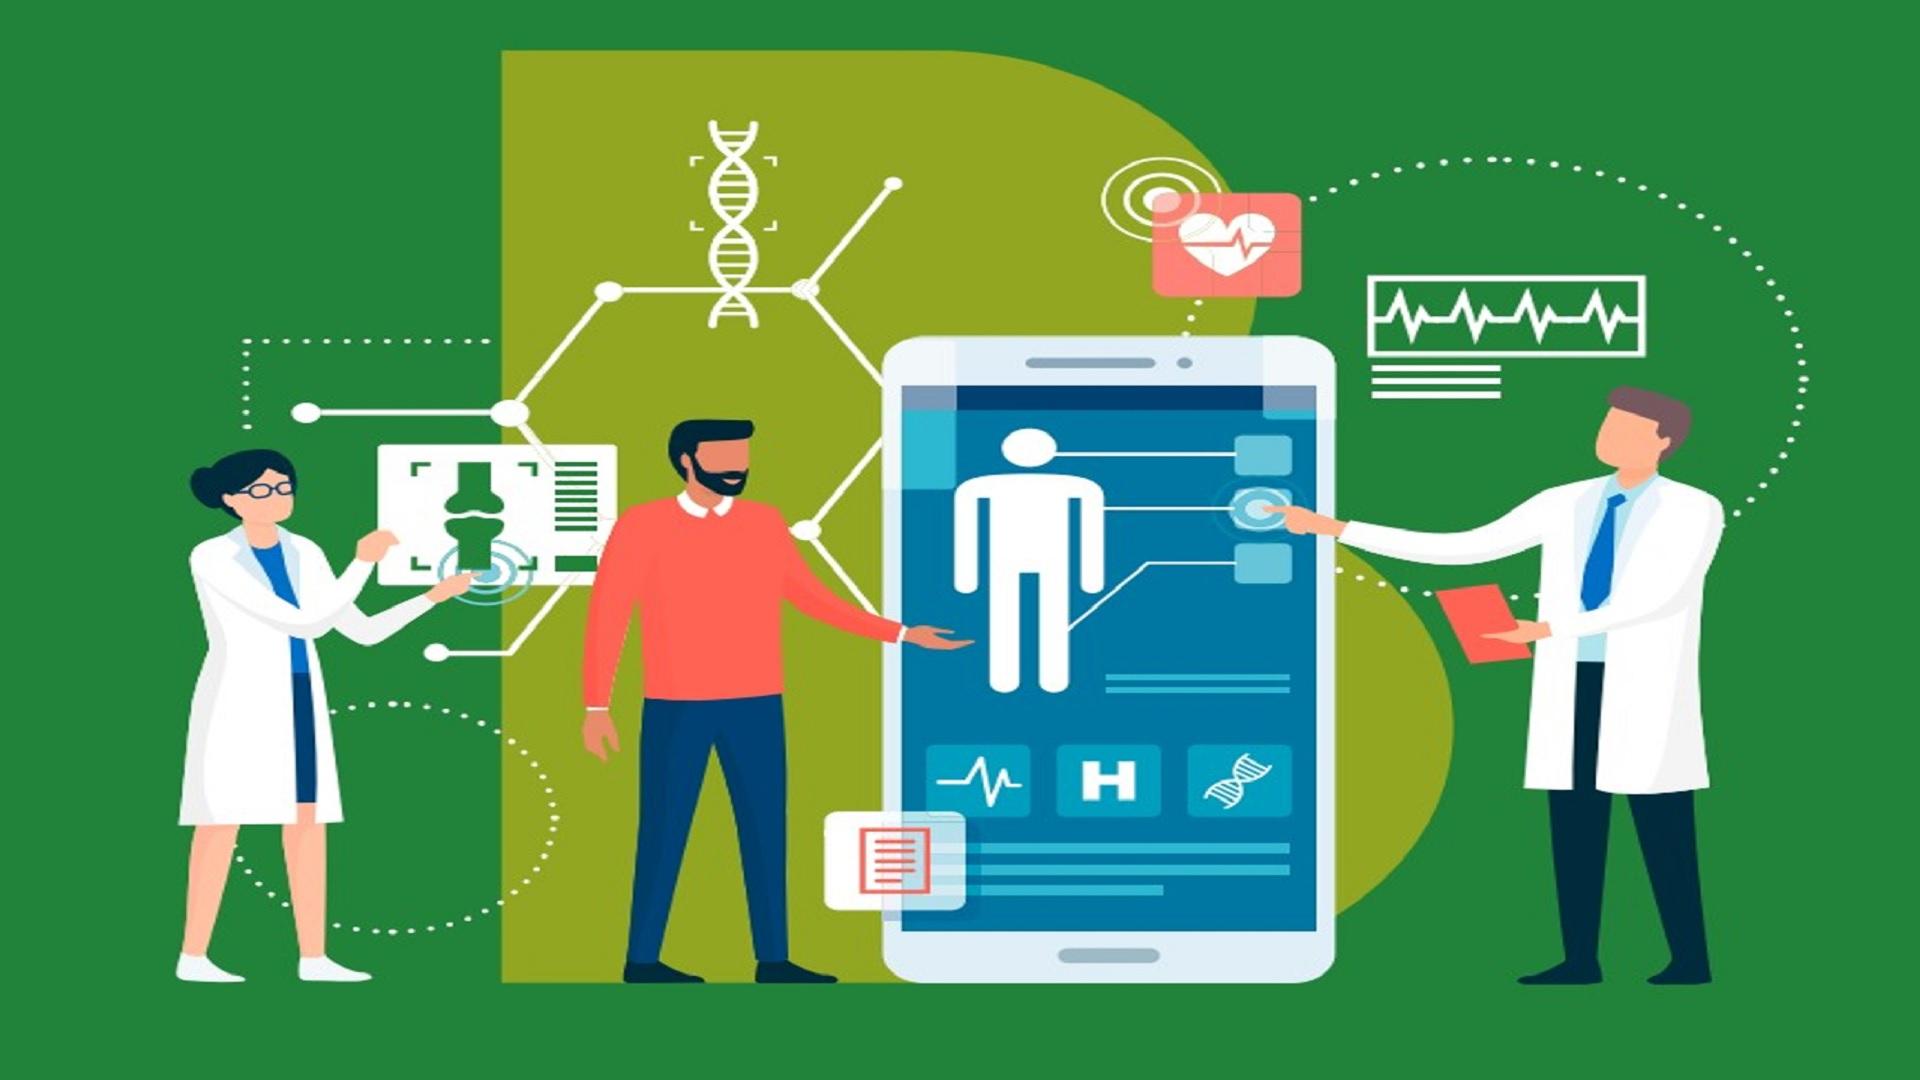 Ψηφιακή Υγειονομική Περίθαλψη: Eταιρία τηλεπικοινωνιών της Νότιας Κορέας εισέρχεται στην αγορά